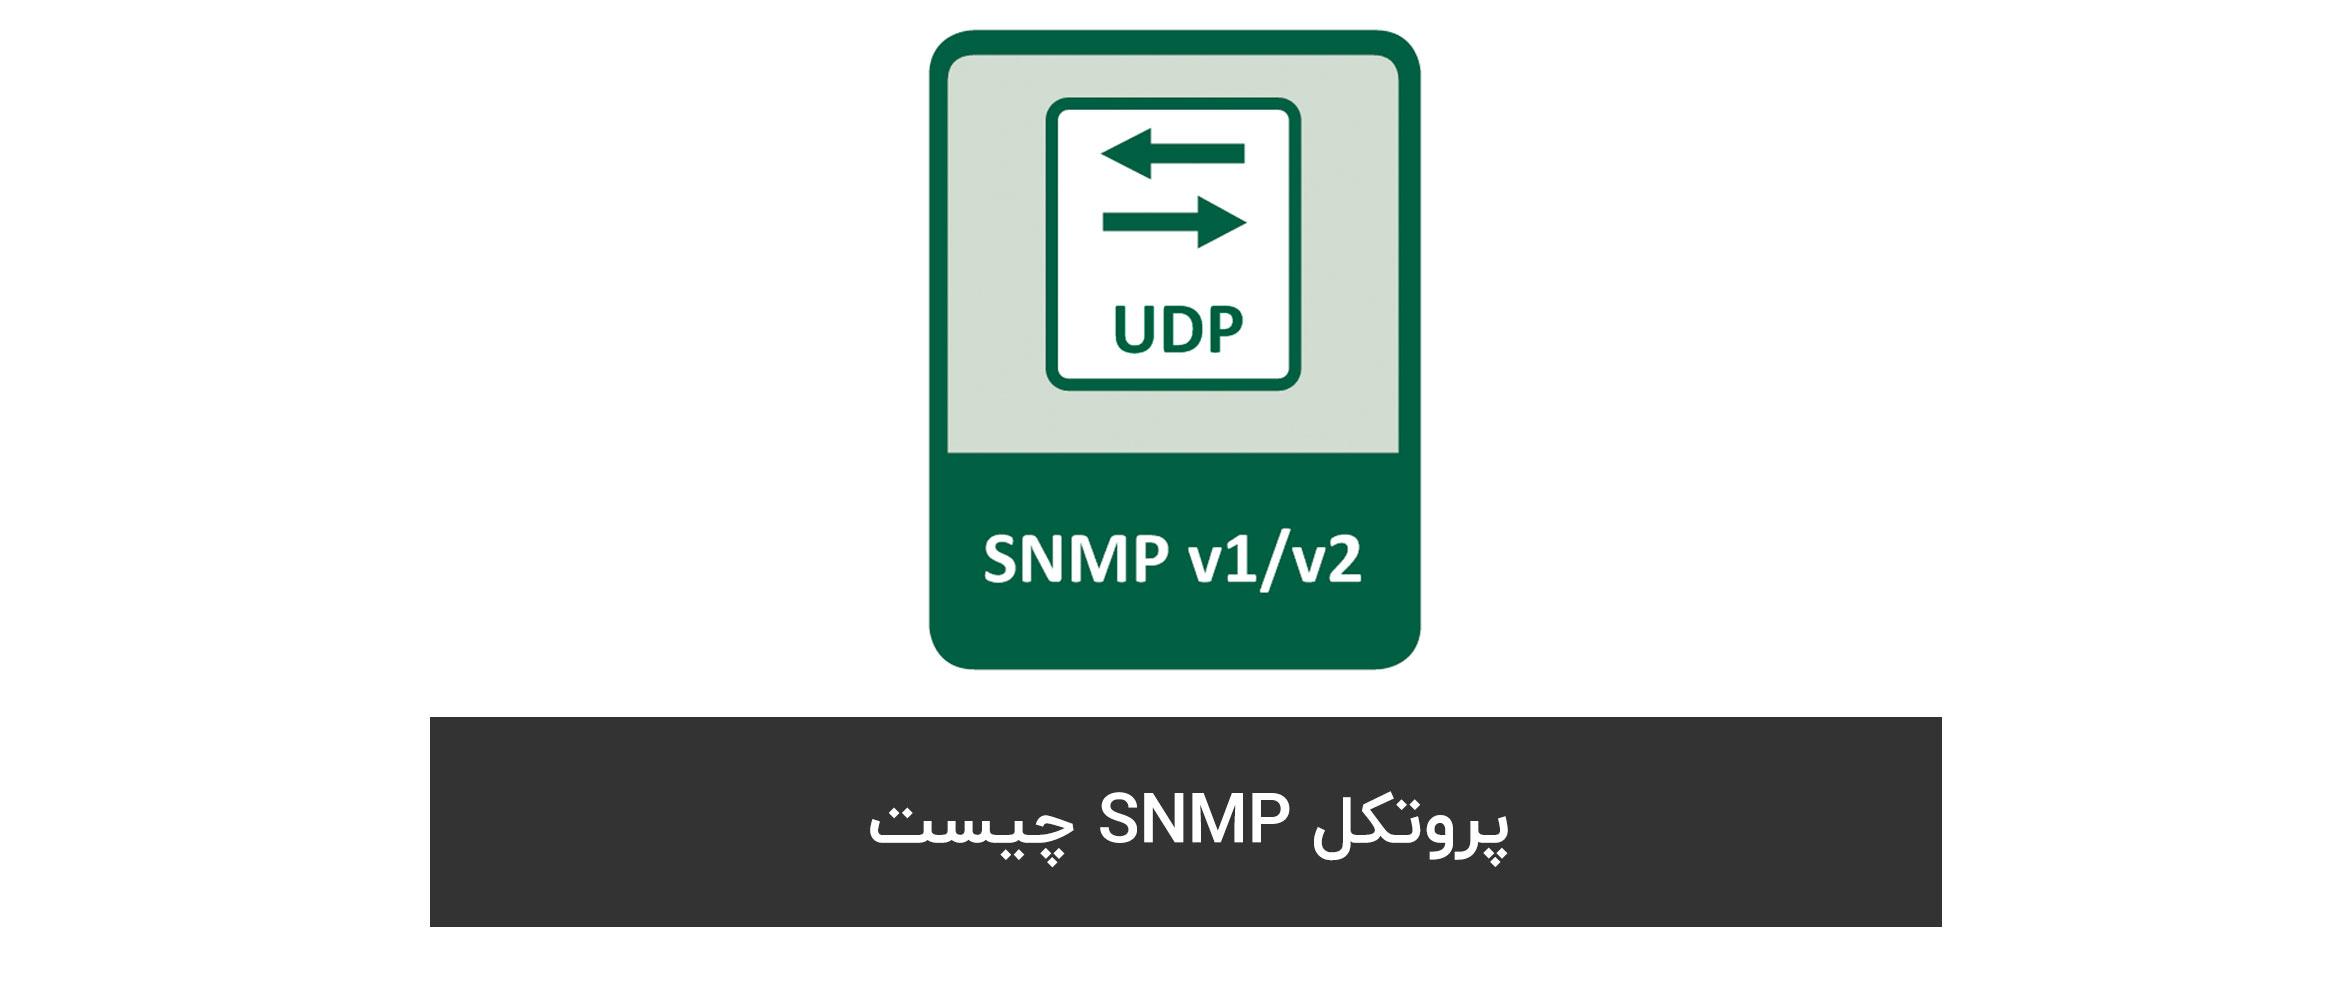 پروتکل snmp چیست و چه کاربردی دارد؟